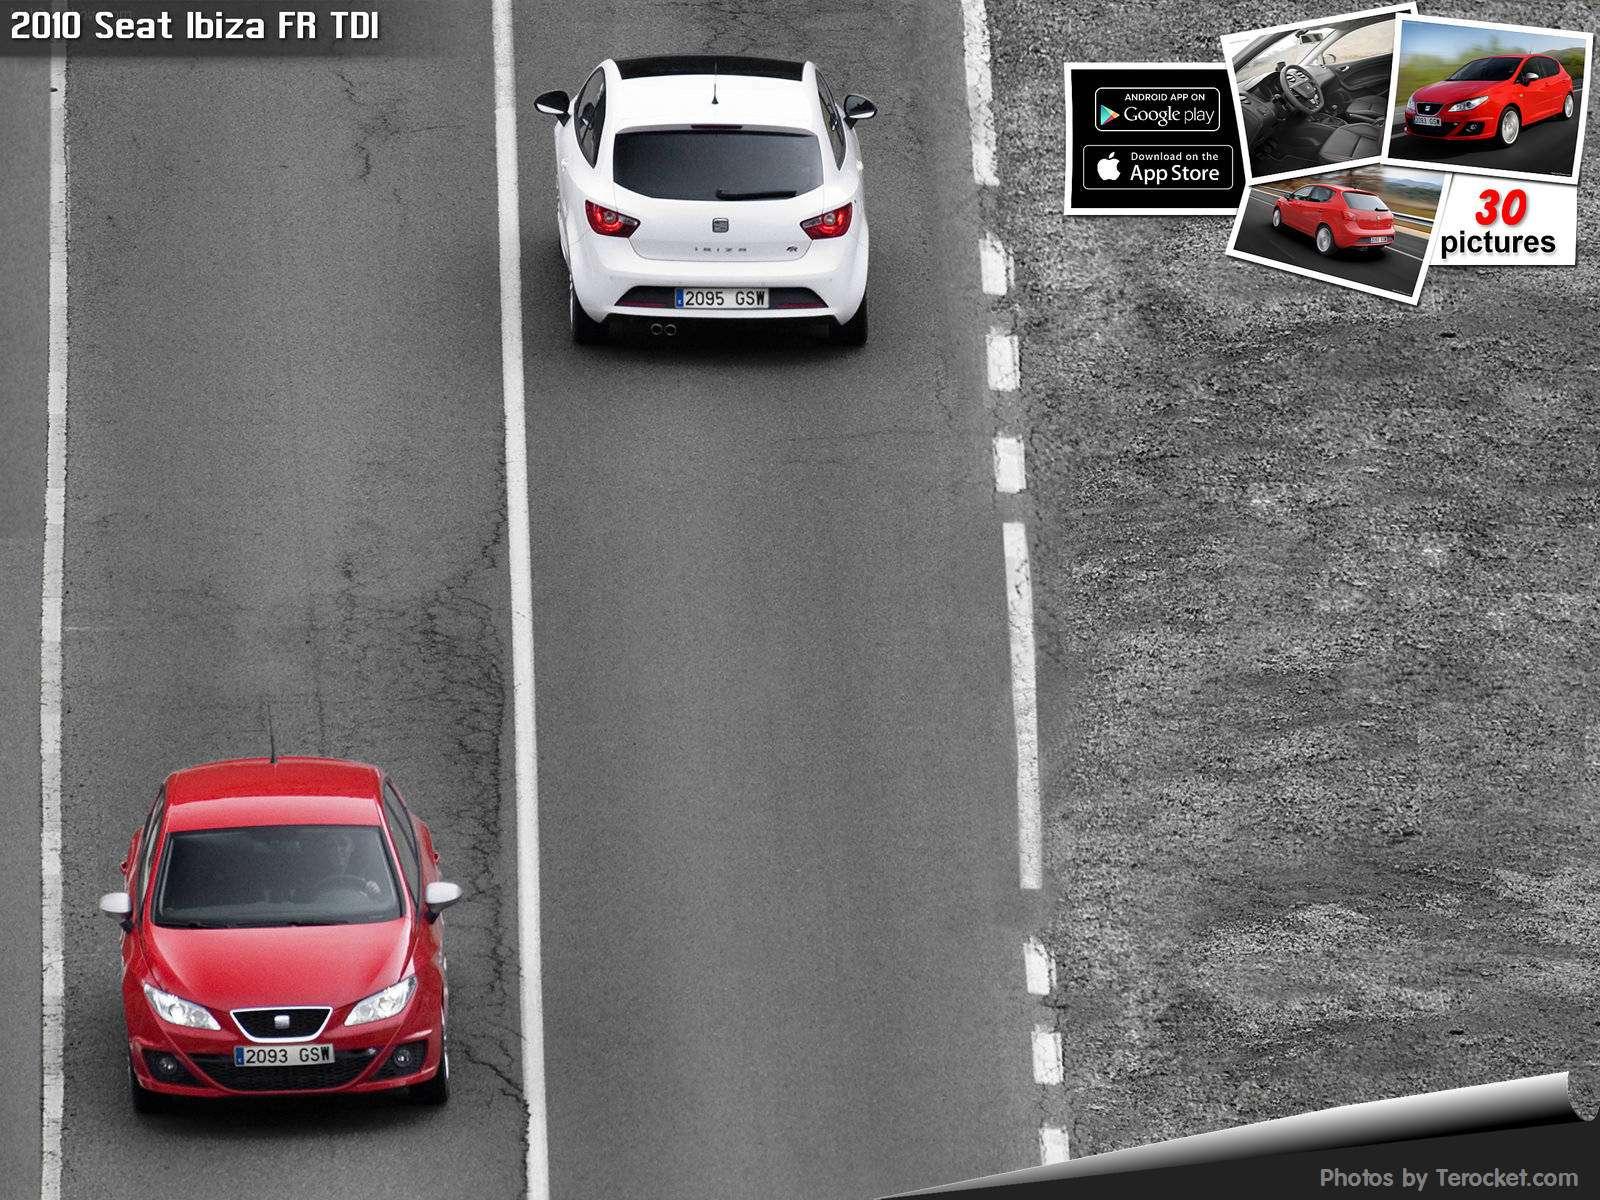 Hình ảnh xe ô tô Seat Ibiza FR TDI 2010 & nội ngoại thất